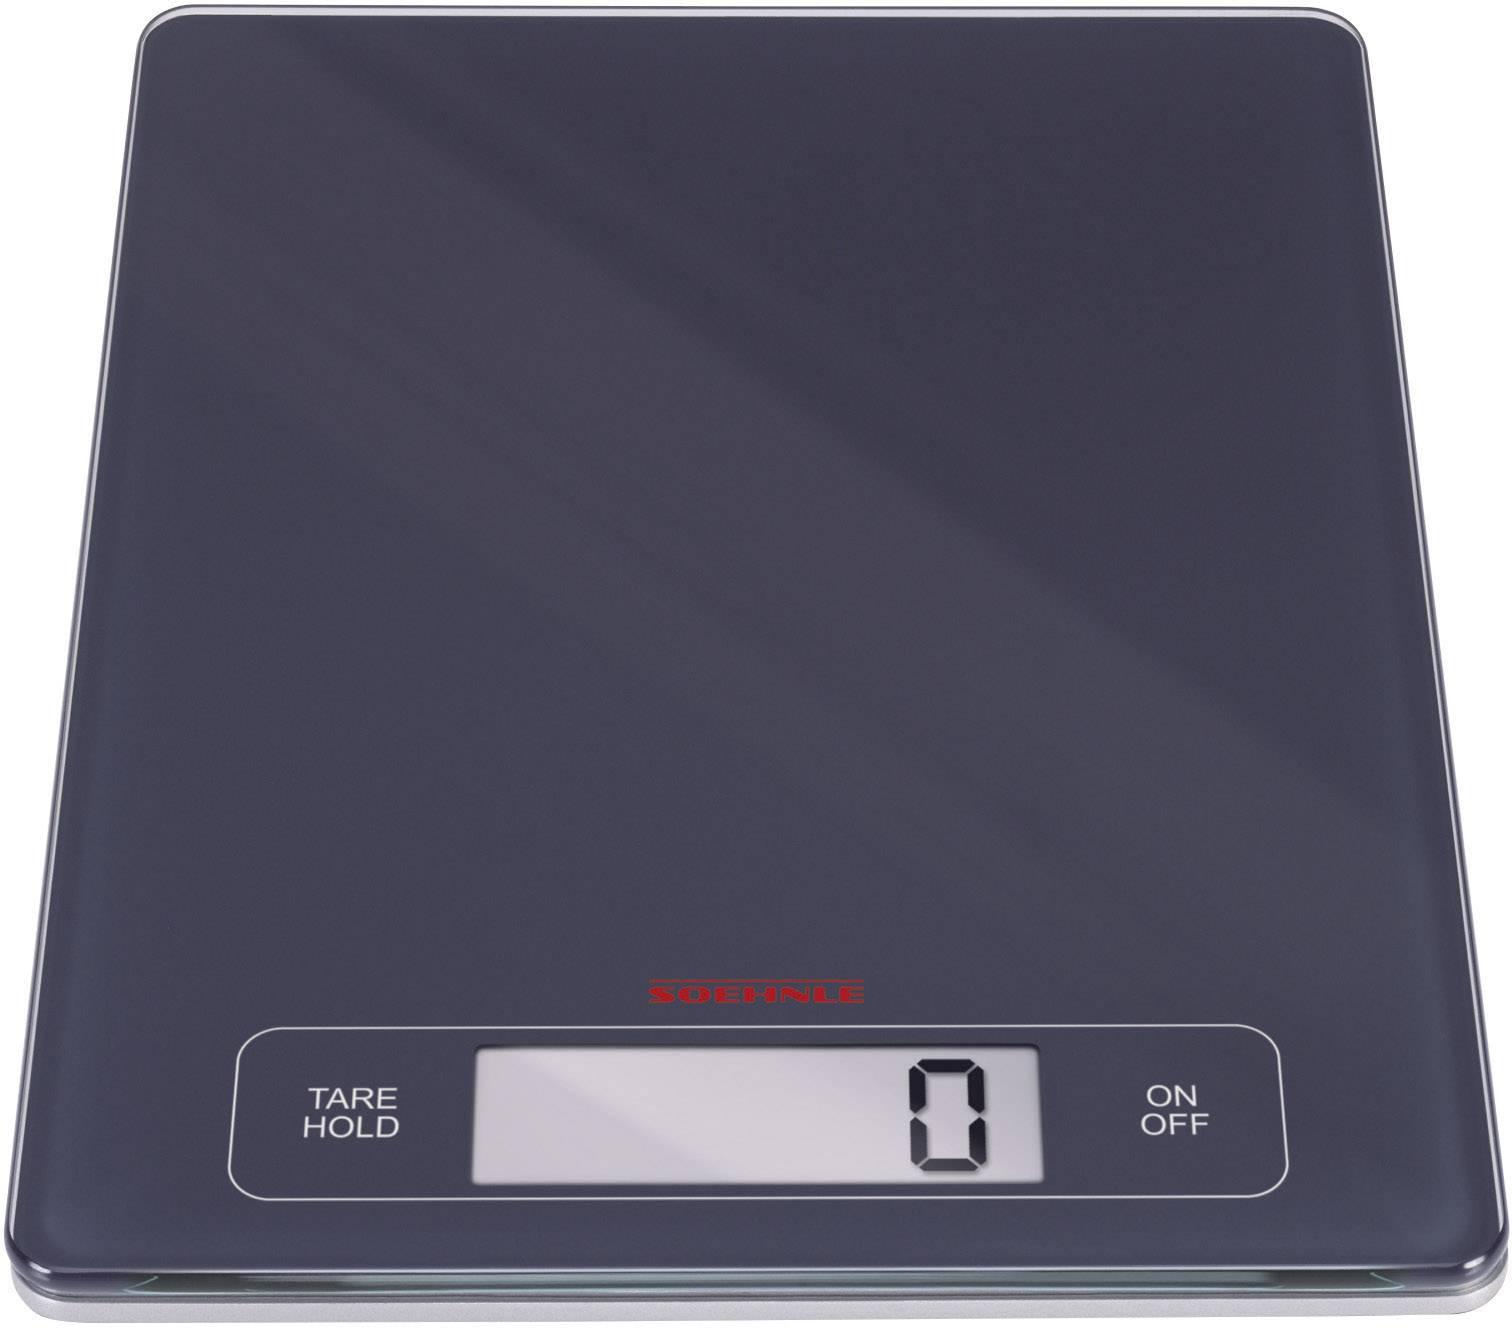 Kuchyňská váha Soehnle KWD PAGE Profi, 67080, černá